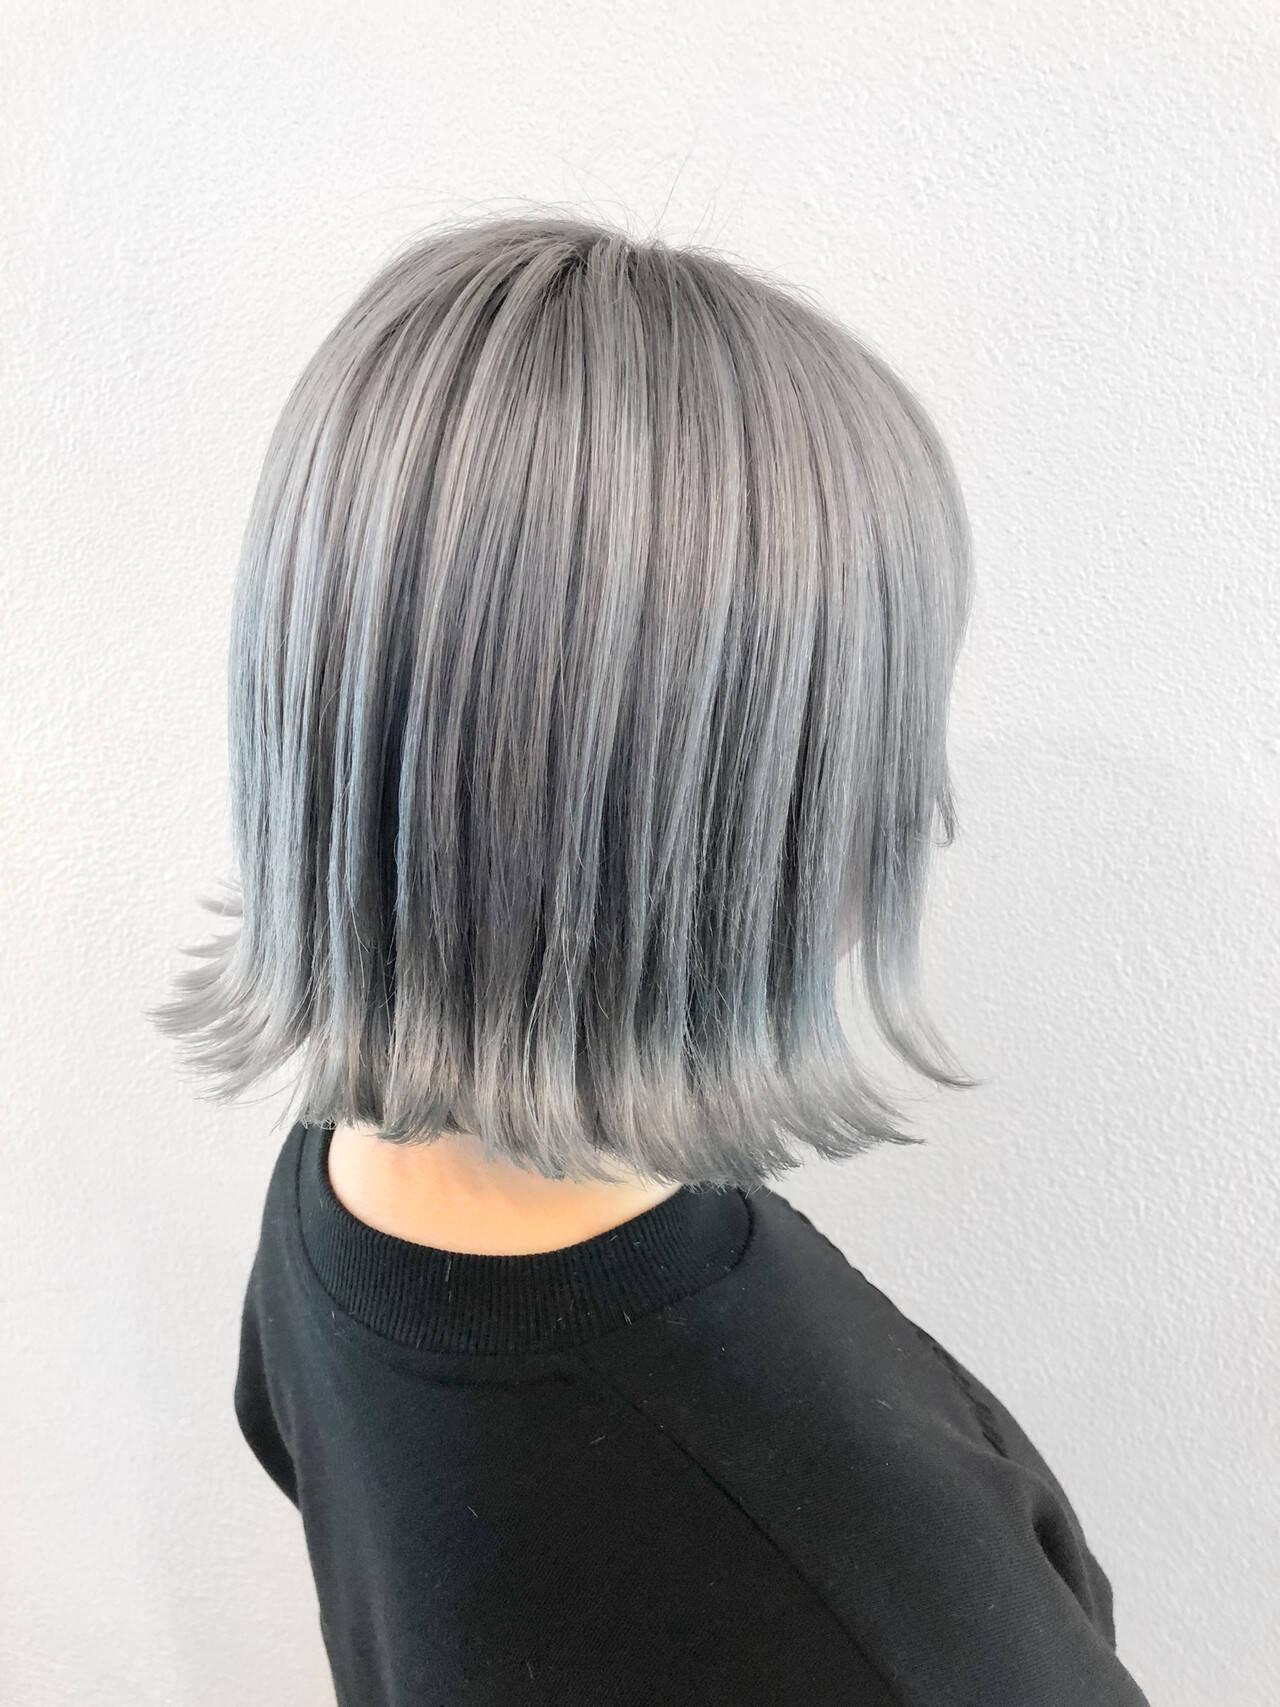 ホワイトアッシュ モード ボブ ホワイトカラーヘアスタイルや髪型の写真・画像